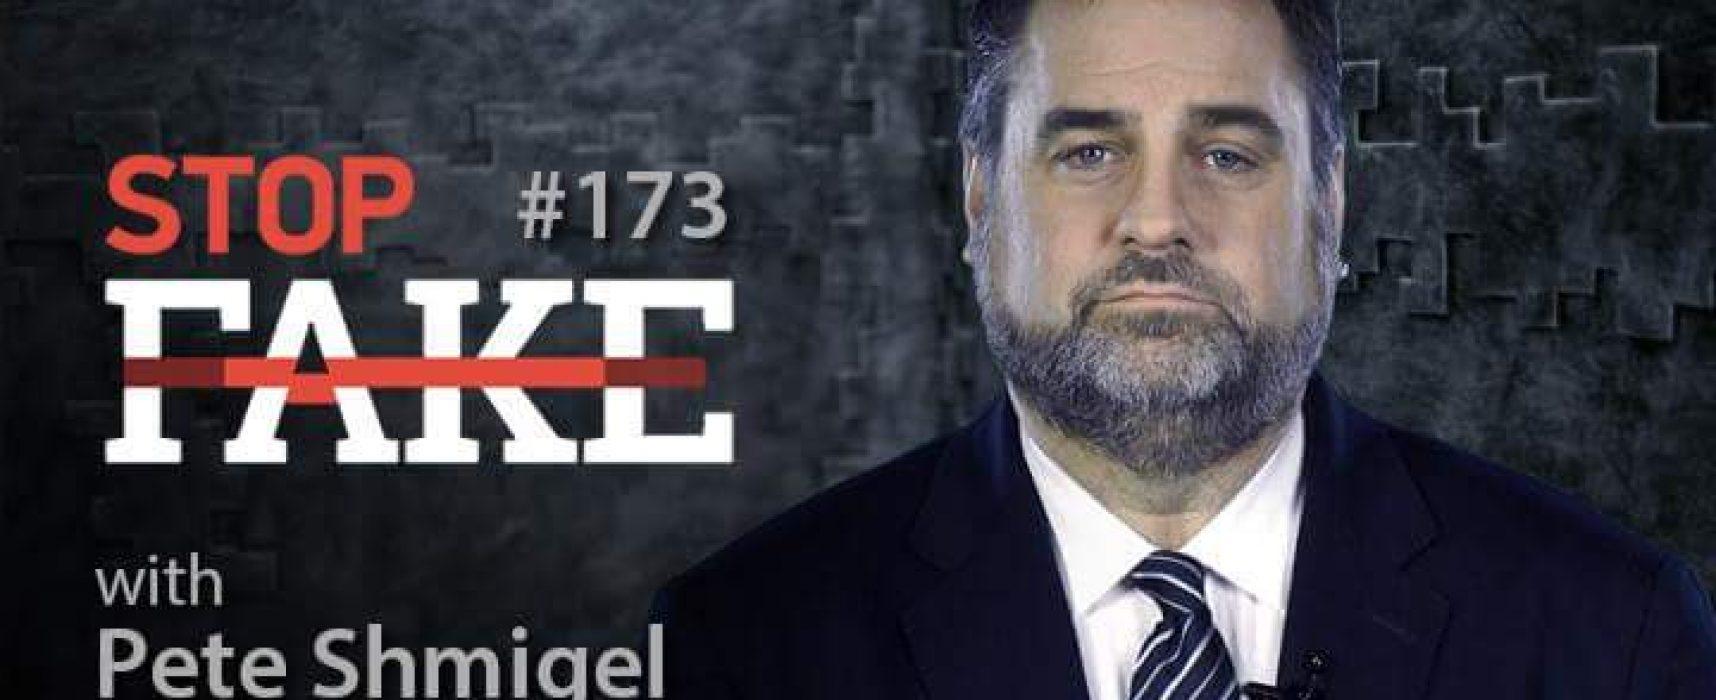 StopFakeNews #173 [ENG] Peter Shmigel